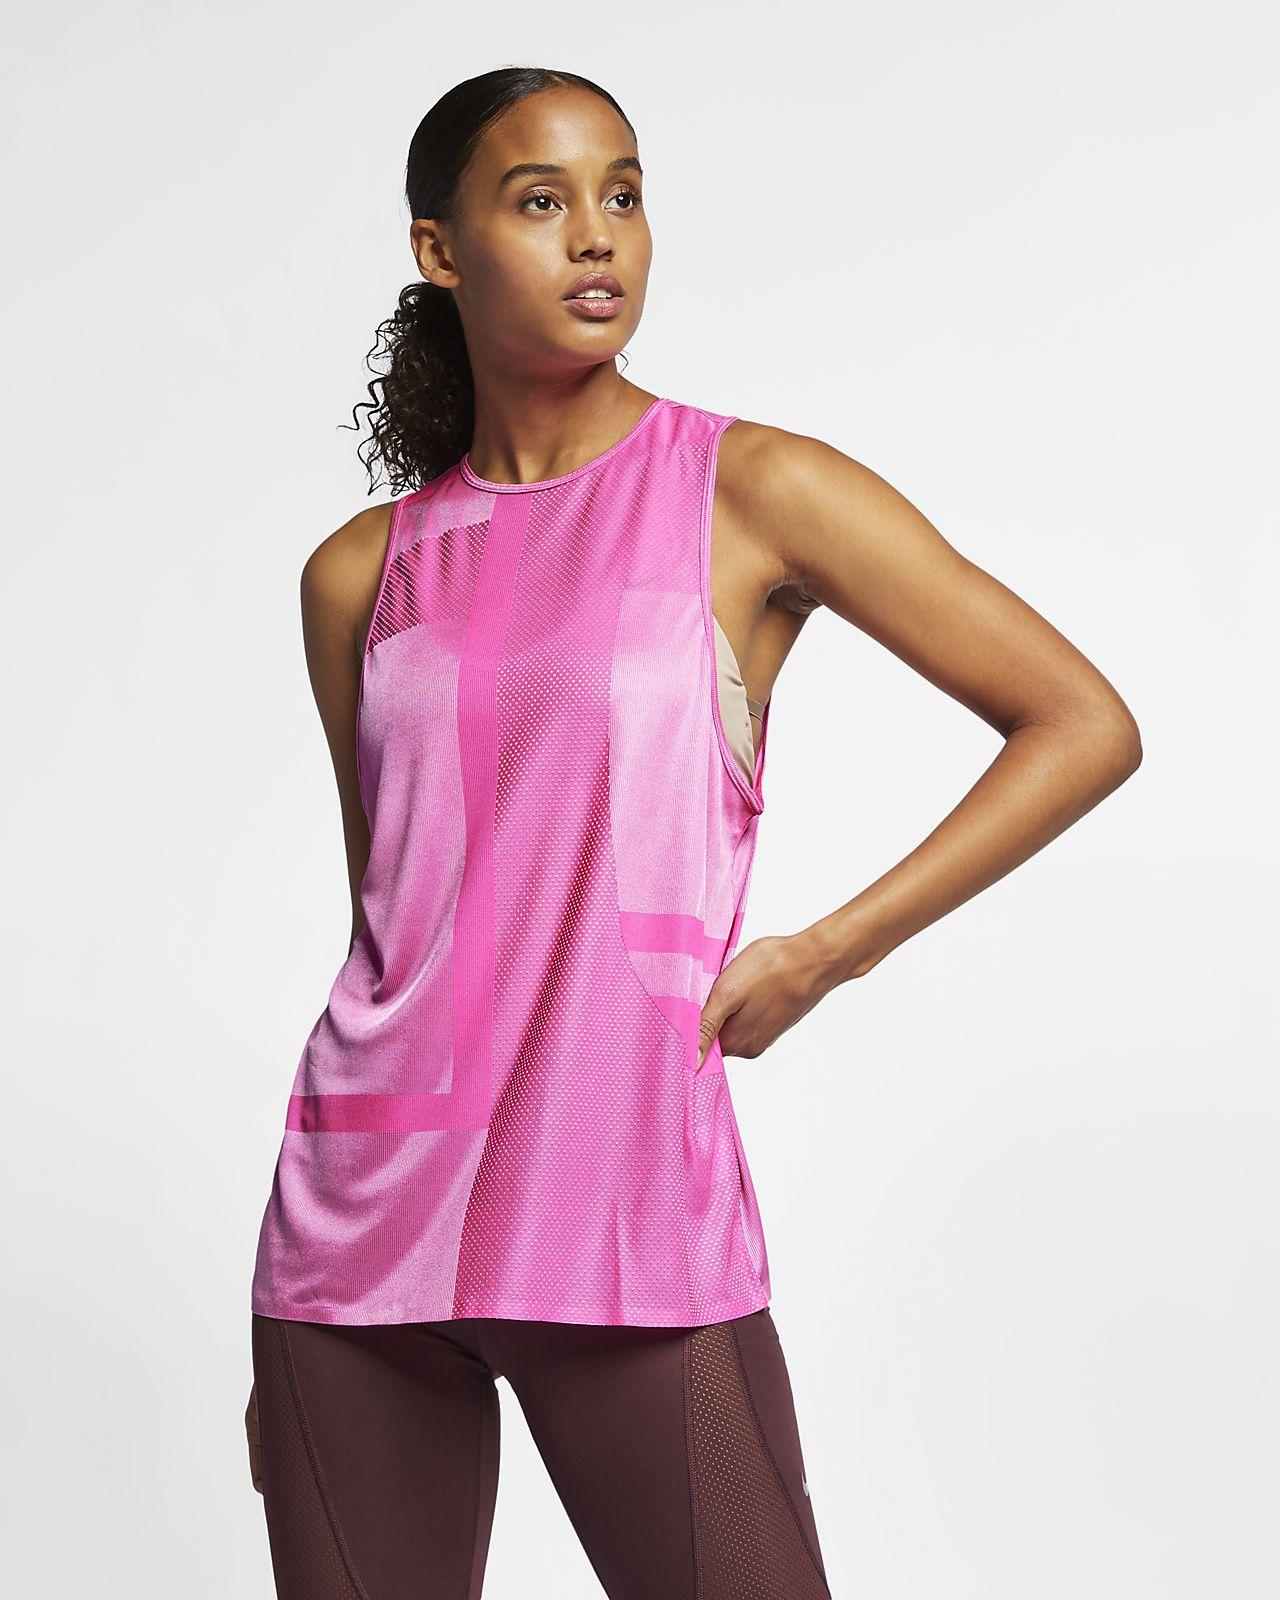 Canotta da training Knit Nike Donna. Nike IT